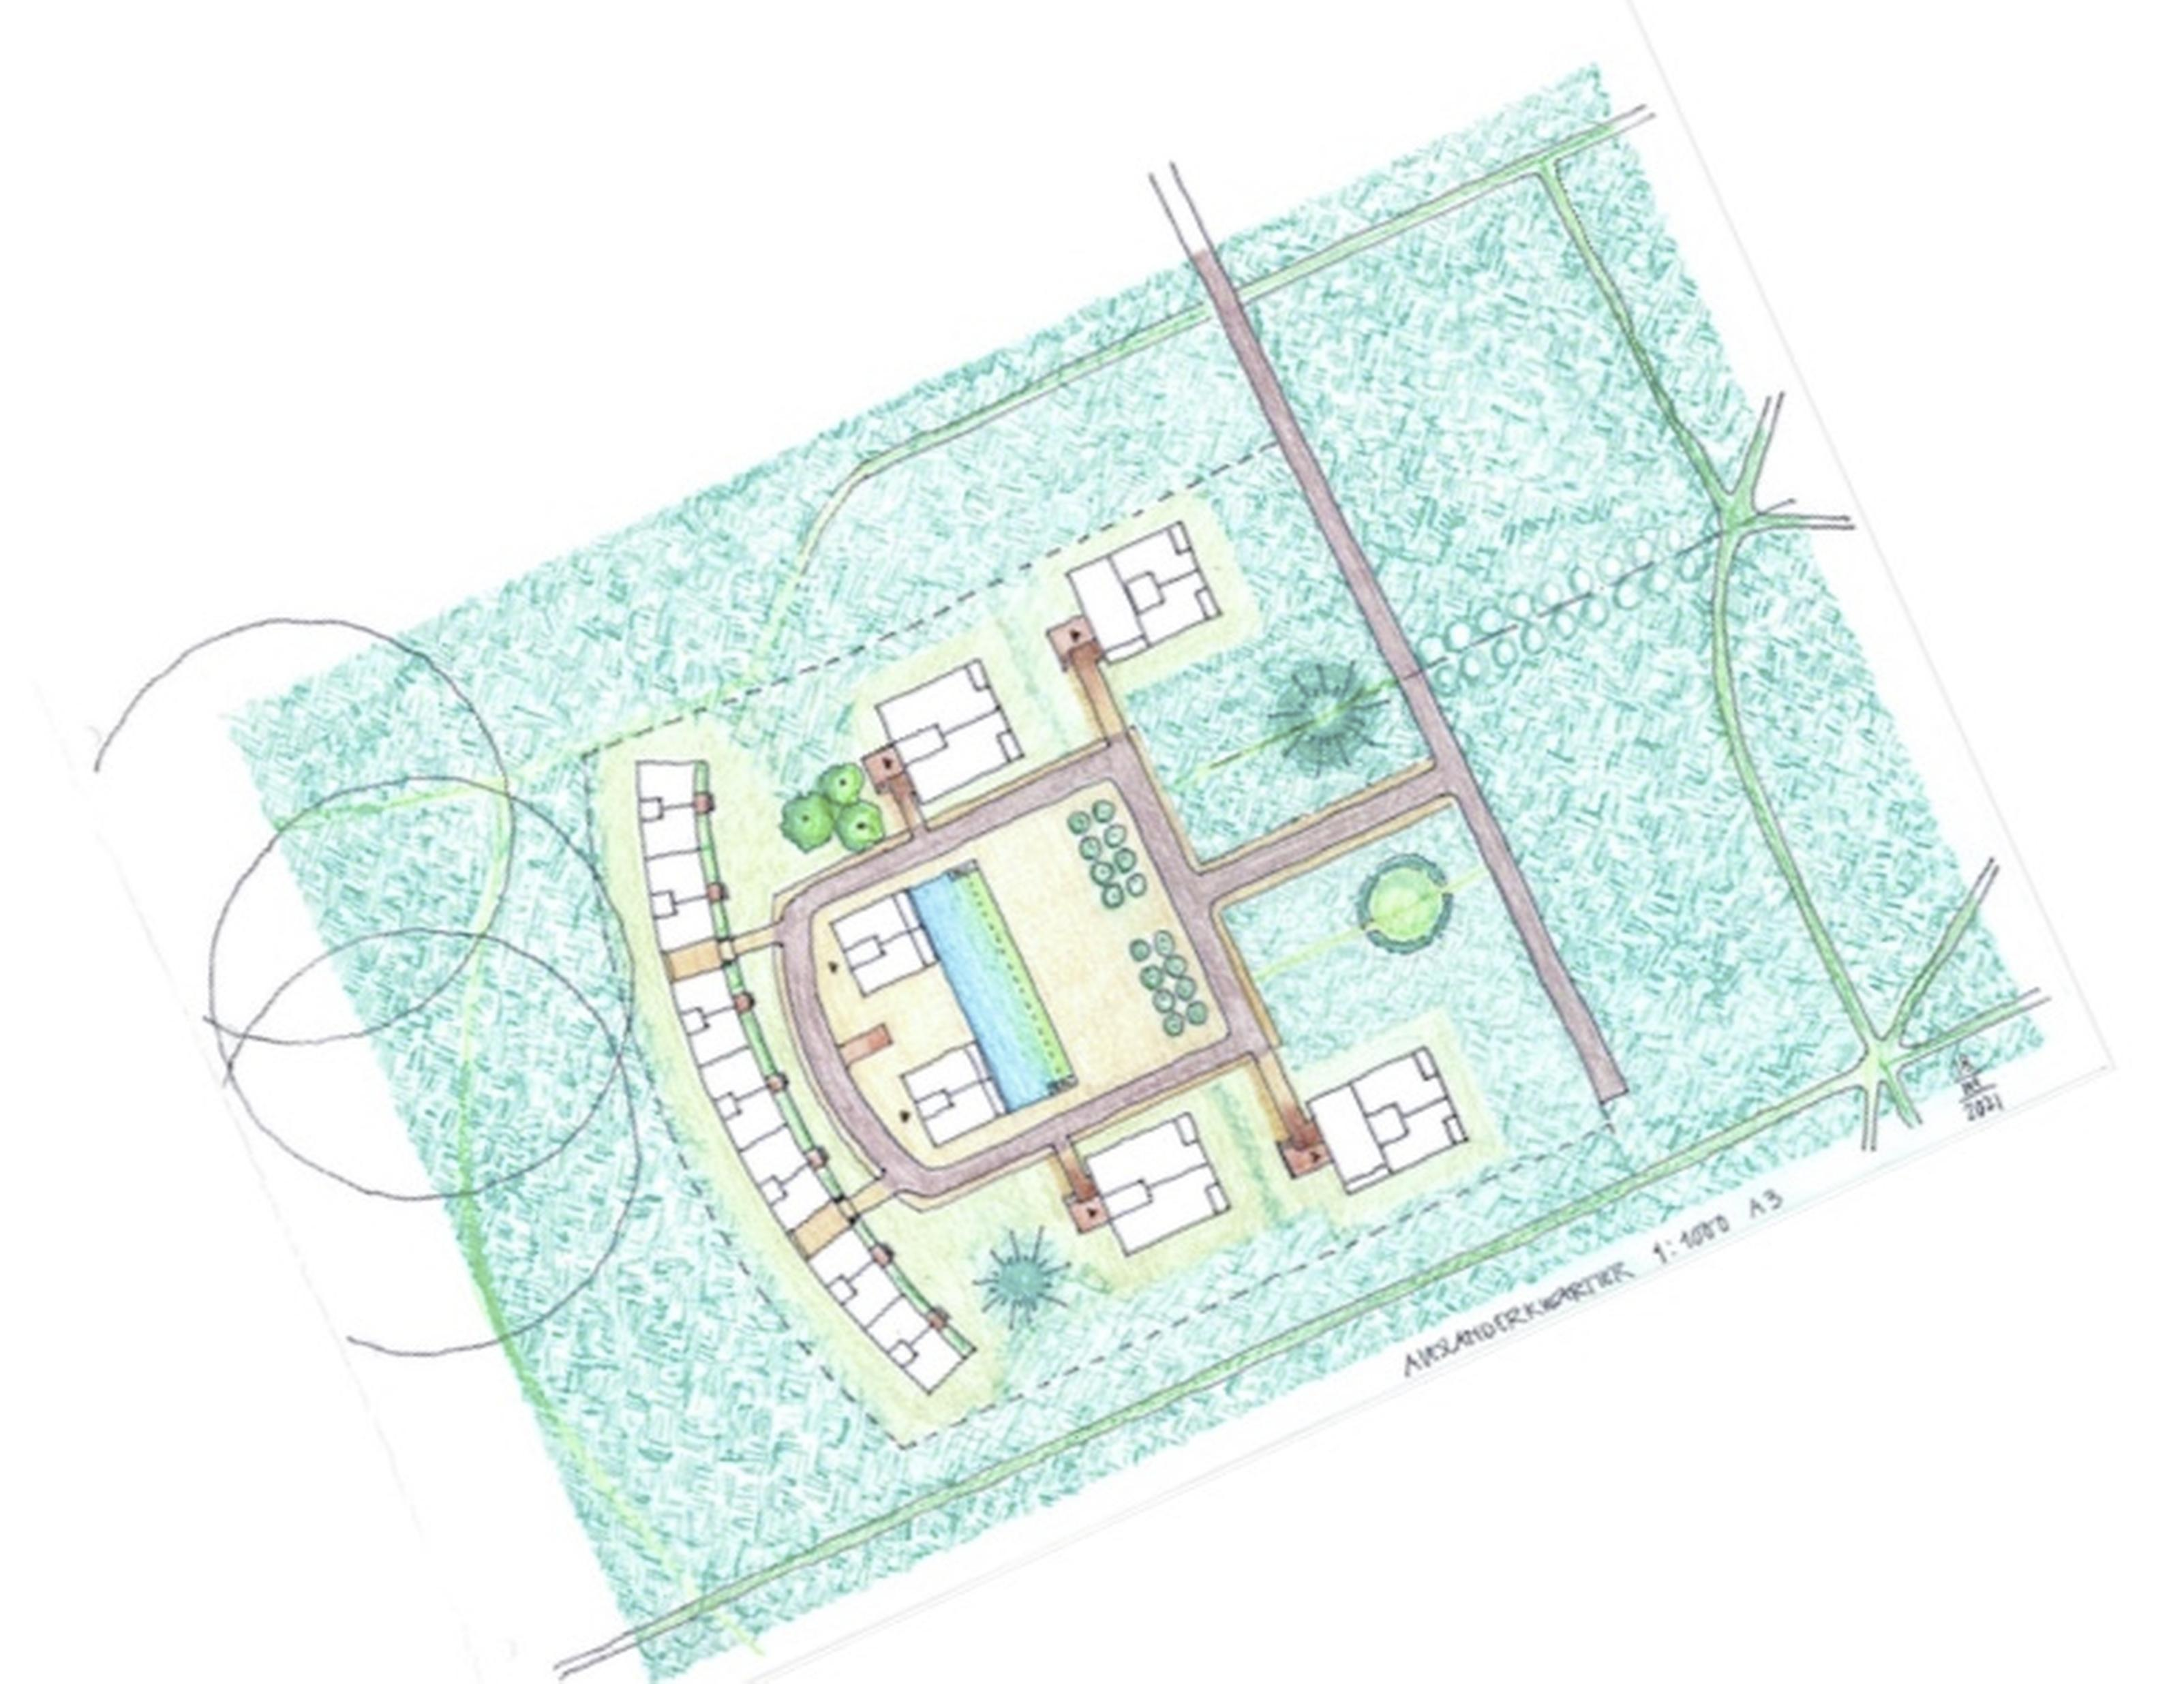 Nieuw woningbouwplan paleis Soestdijk uitgelekt: woonwijk Alexanderkwartier wordt kleiner, krijgt meer woningen en gaat nog altijd ten koste van stukje Borrebos